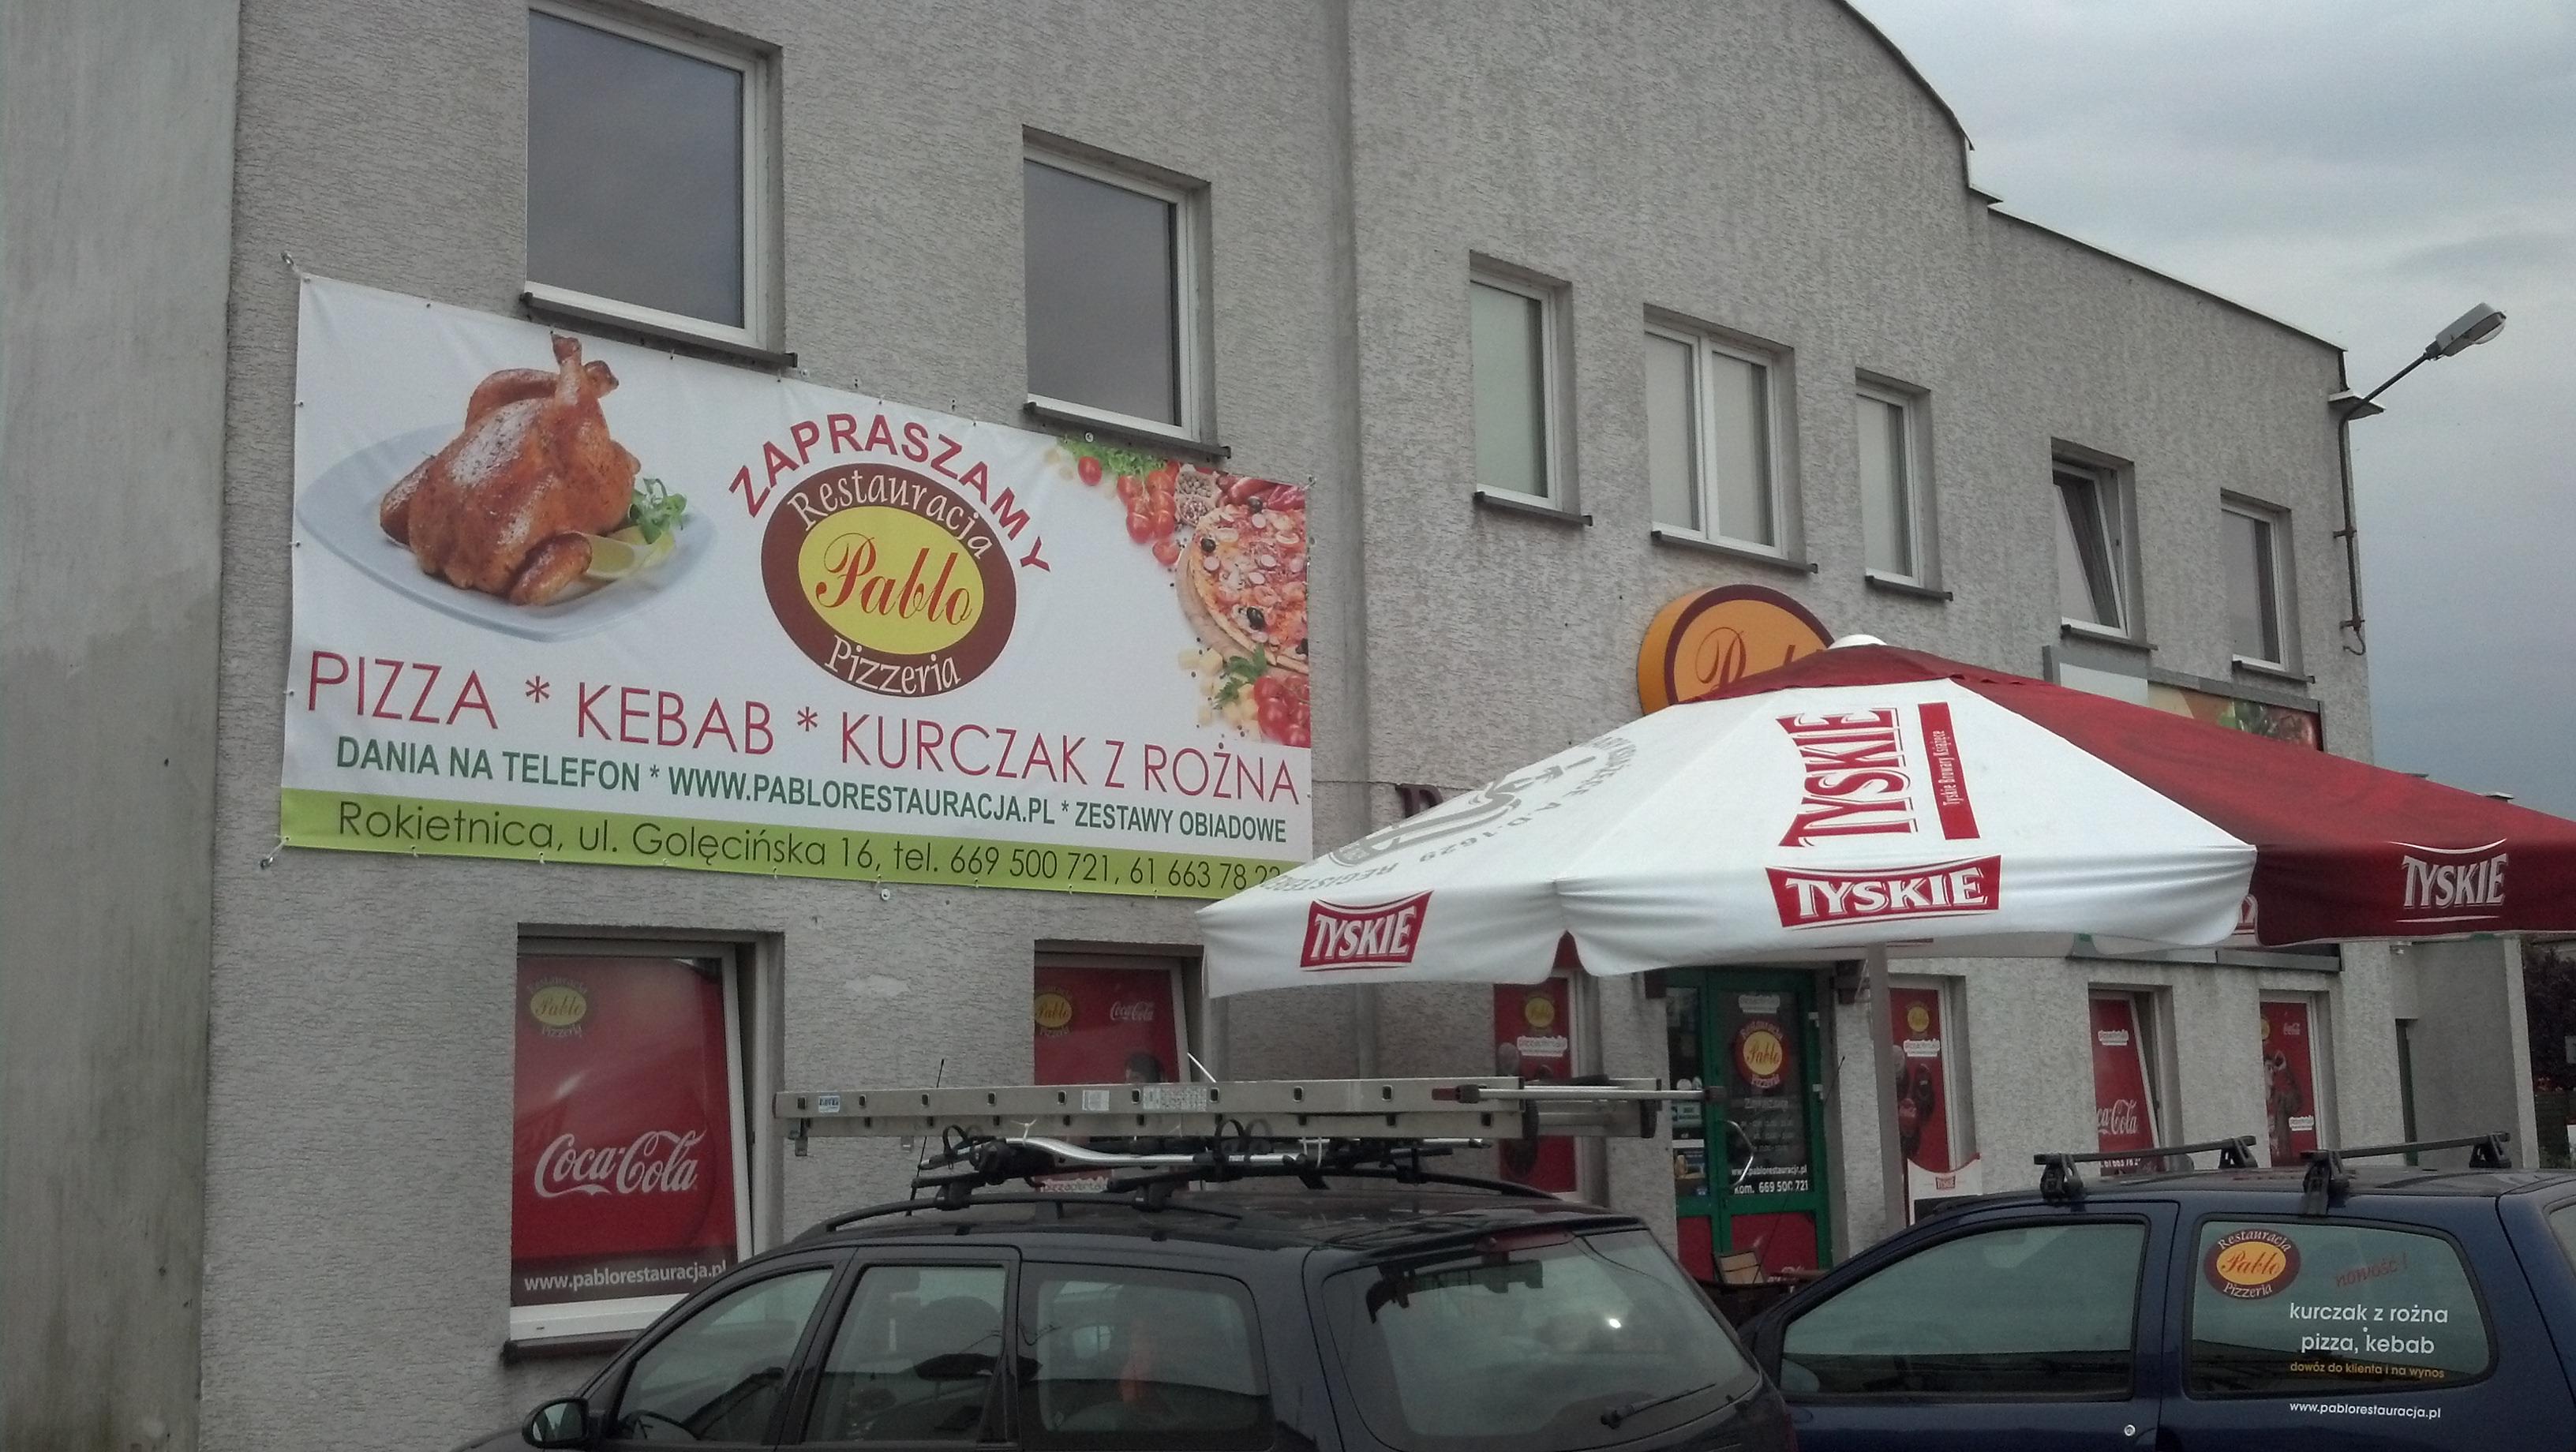 Restauracja, baner na ścianie